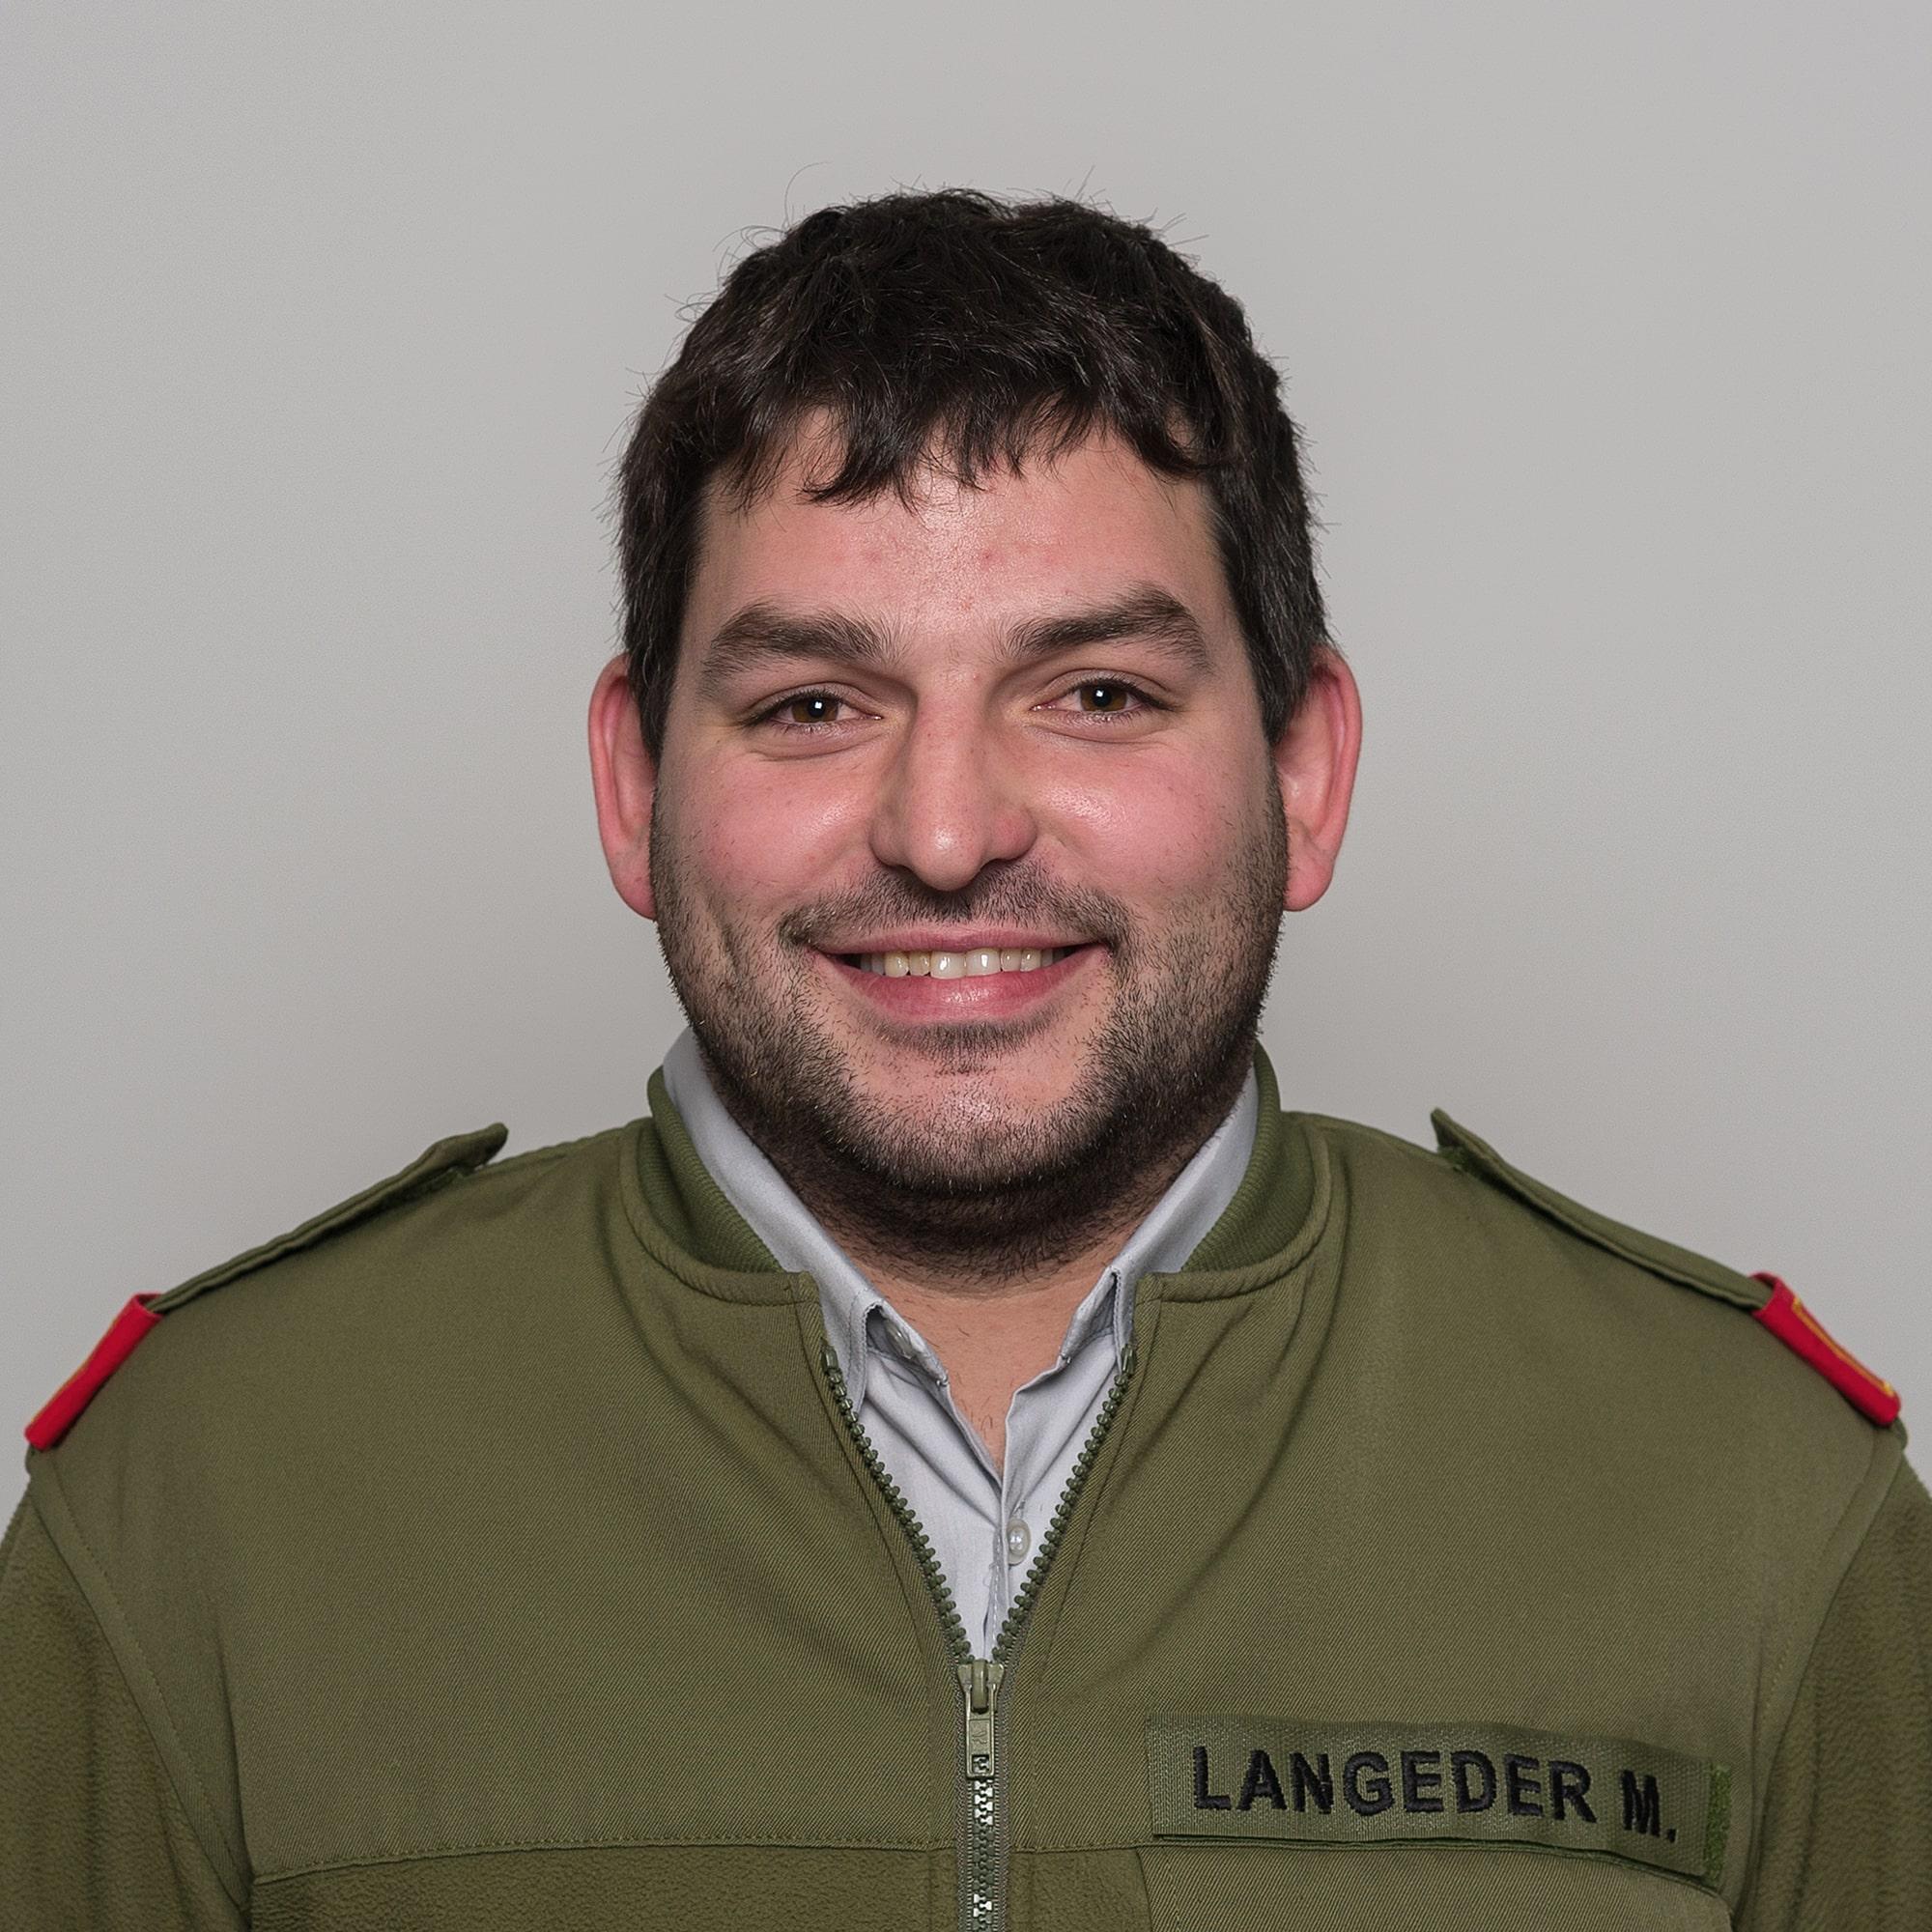 BI Markus Langeder